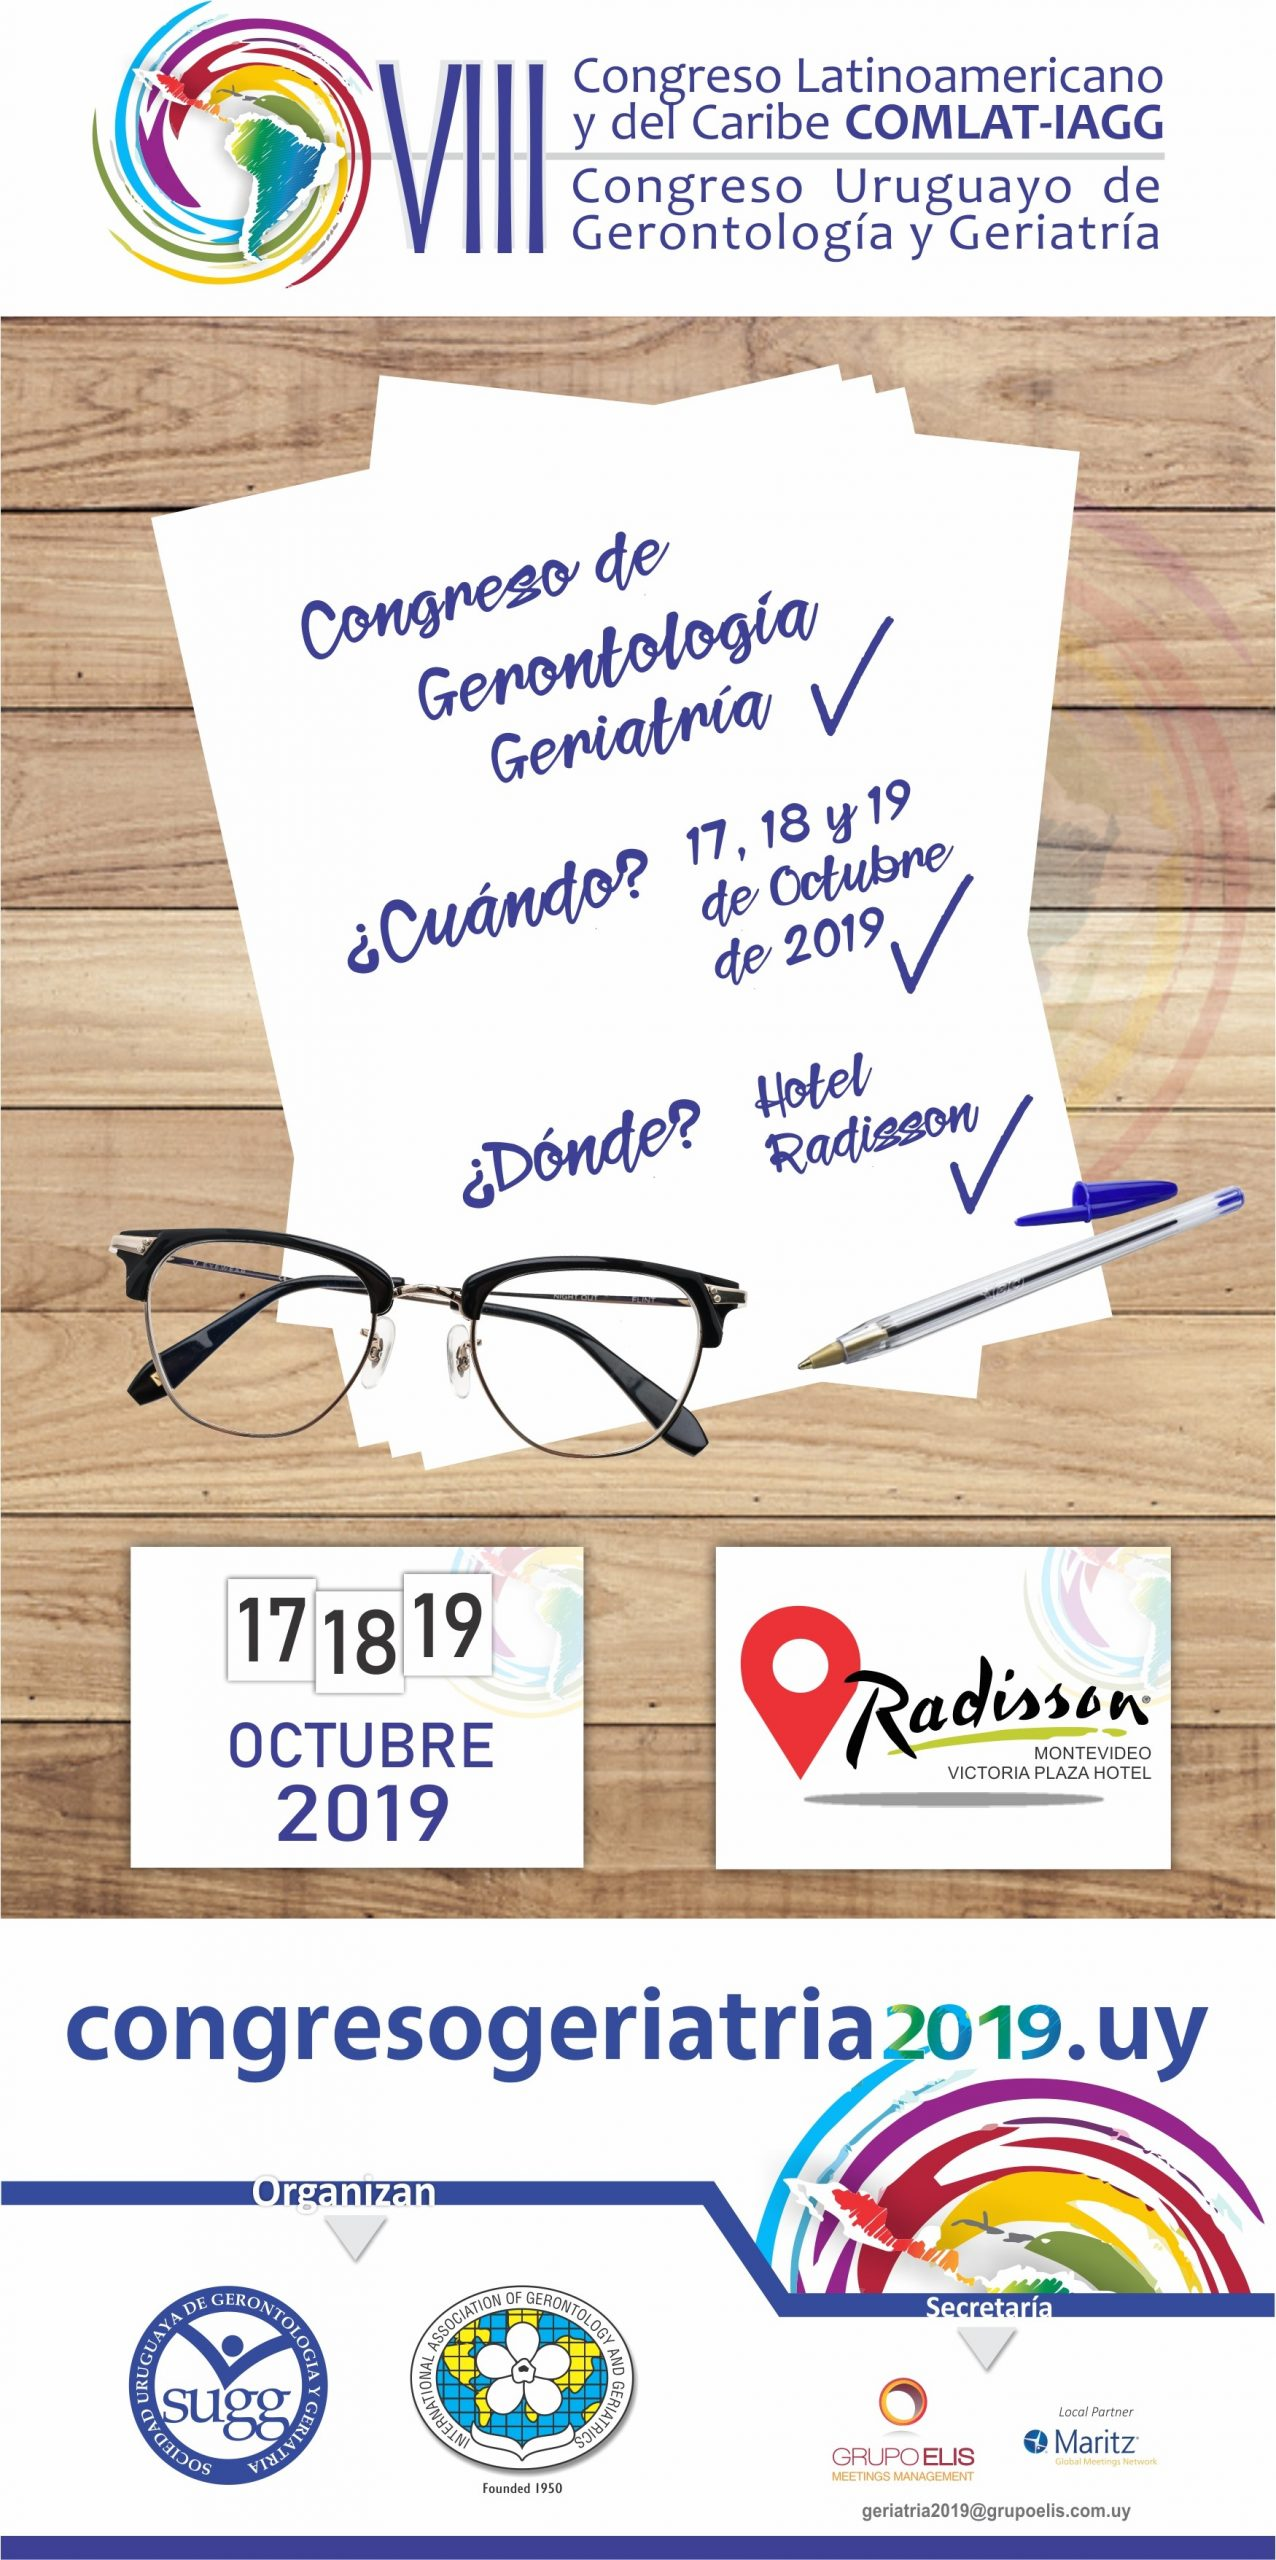 VIII Congresso Latinoamericano y del Caribe – COMLAT – IAGG 2019 | VIII Congresso Uruguayo de Gerontología y Geriatría